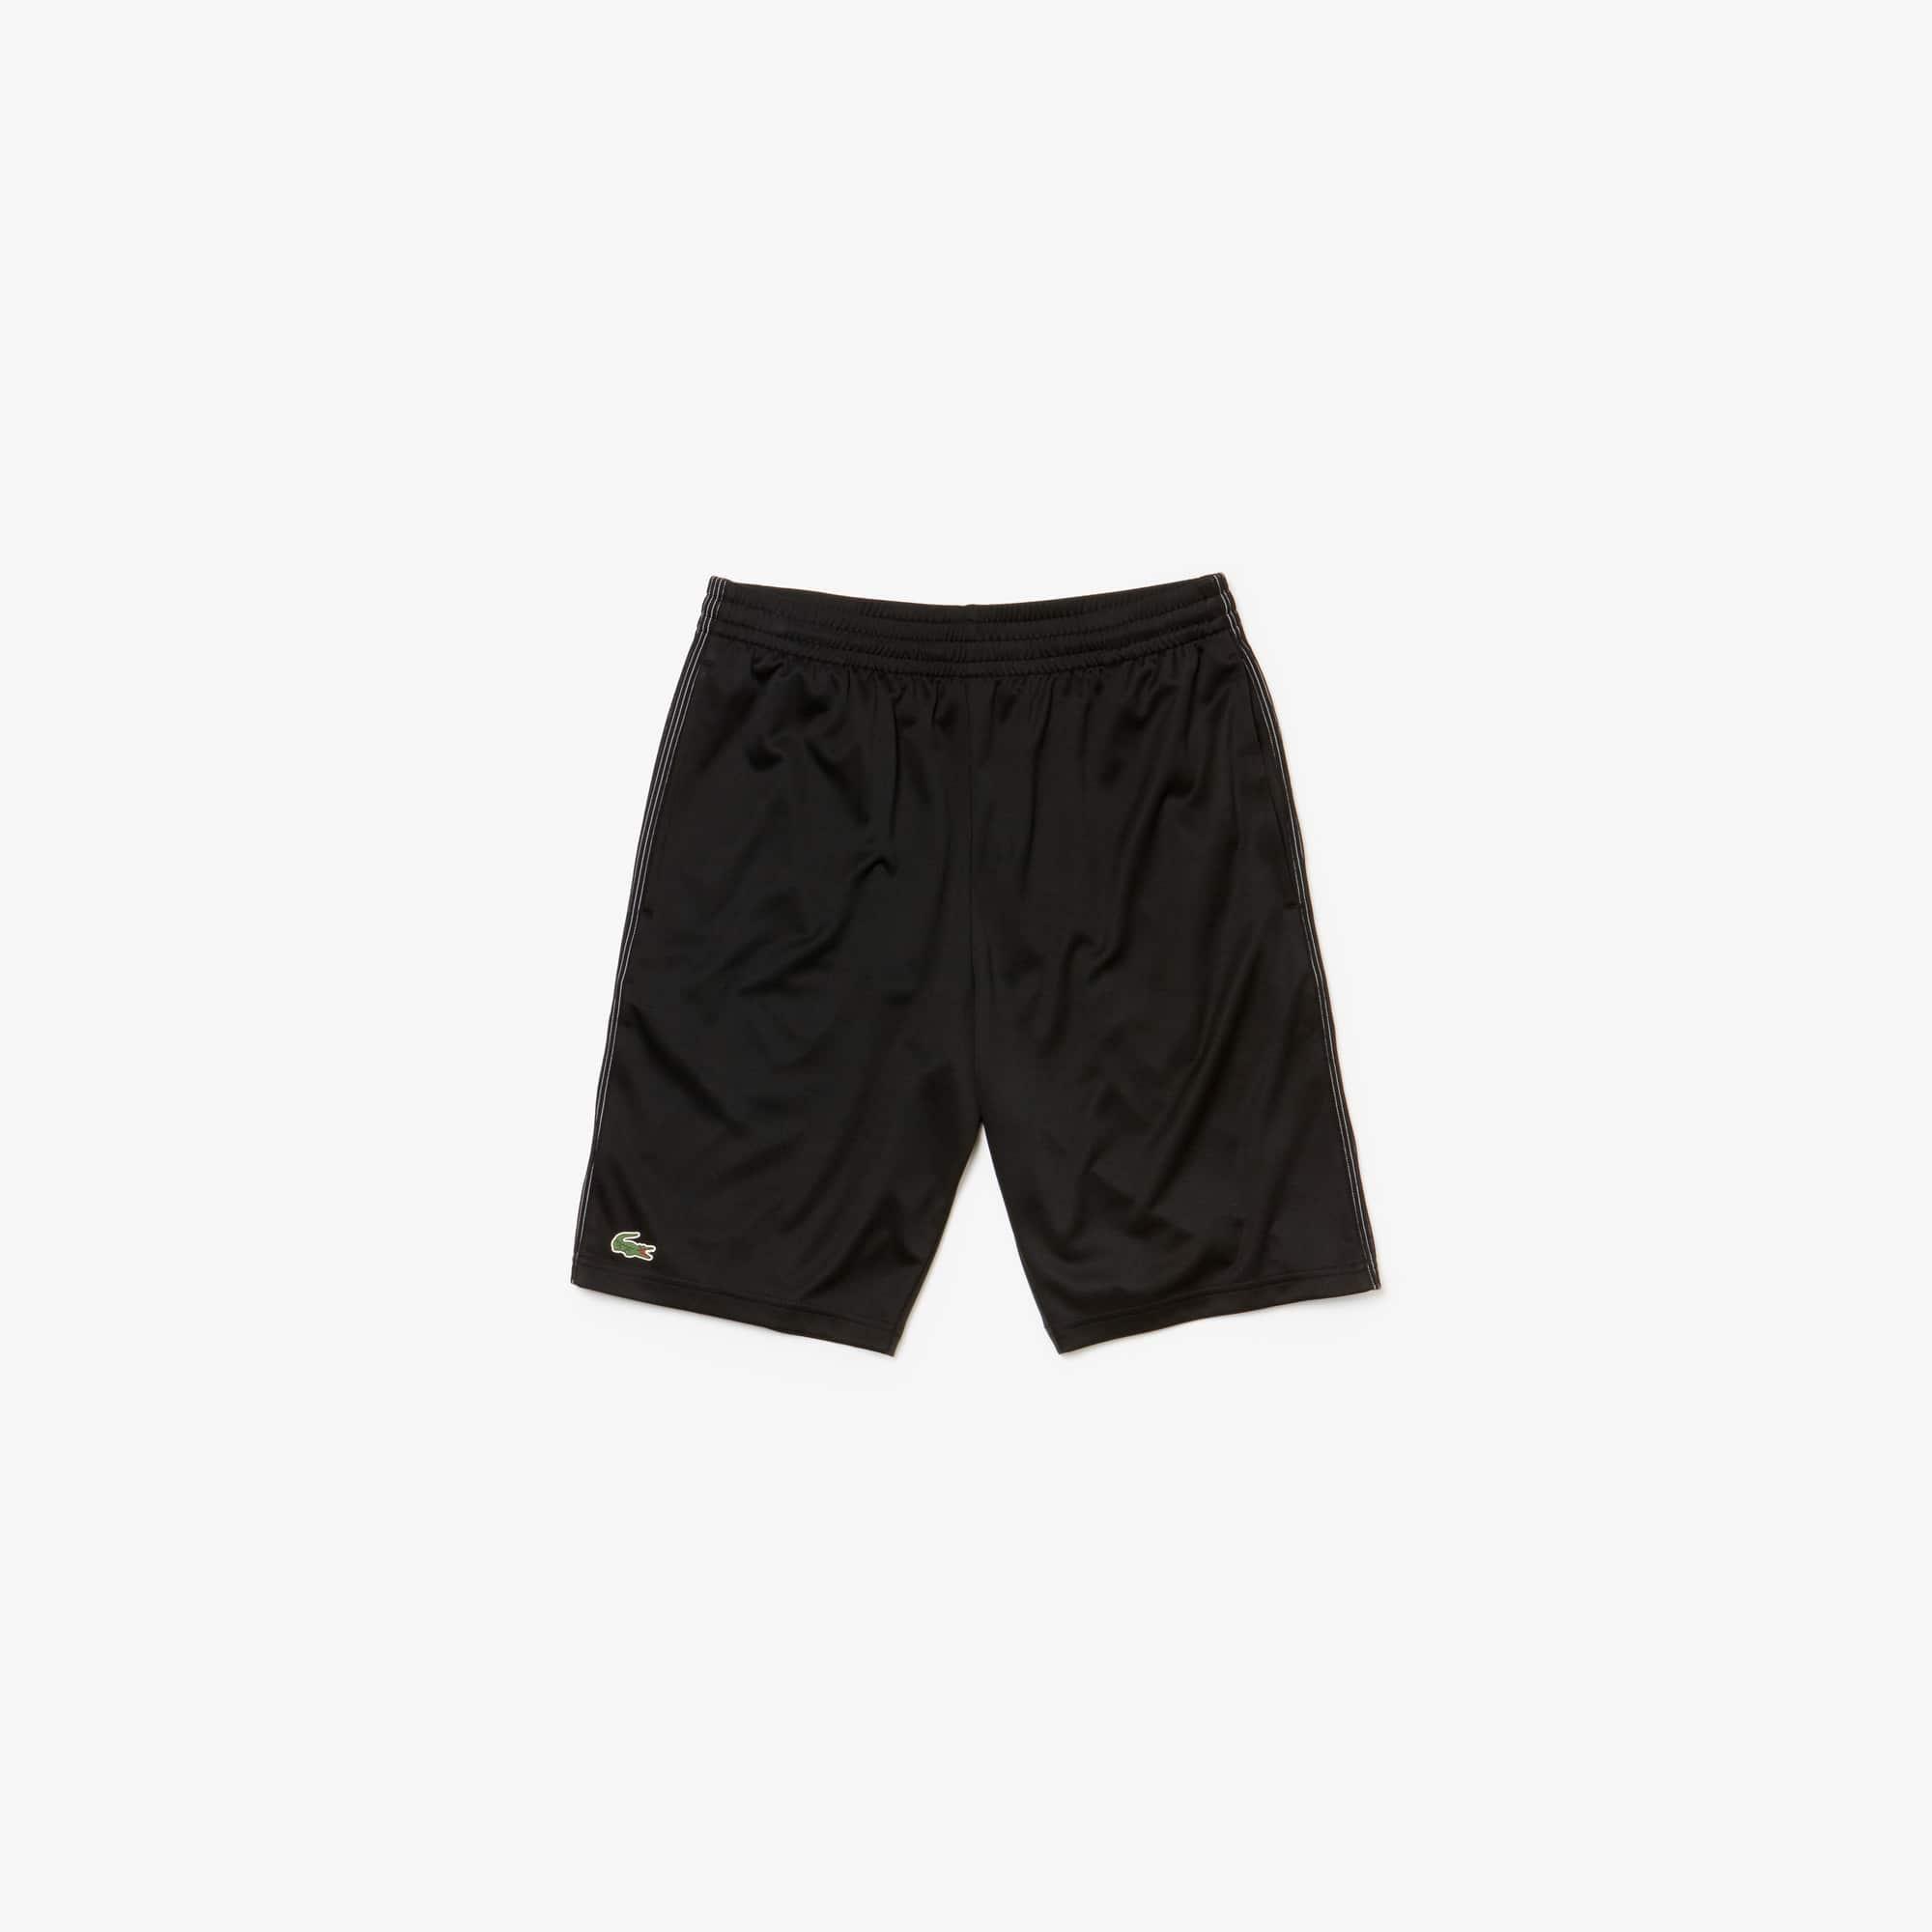 라코스테 스포츠 반바지 Lacoste Mens SPORT Technical Pique Shorts - x Novak Djokovic Support With Style - Off Court Collection,black/white